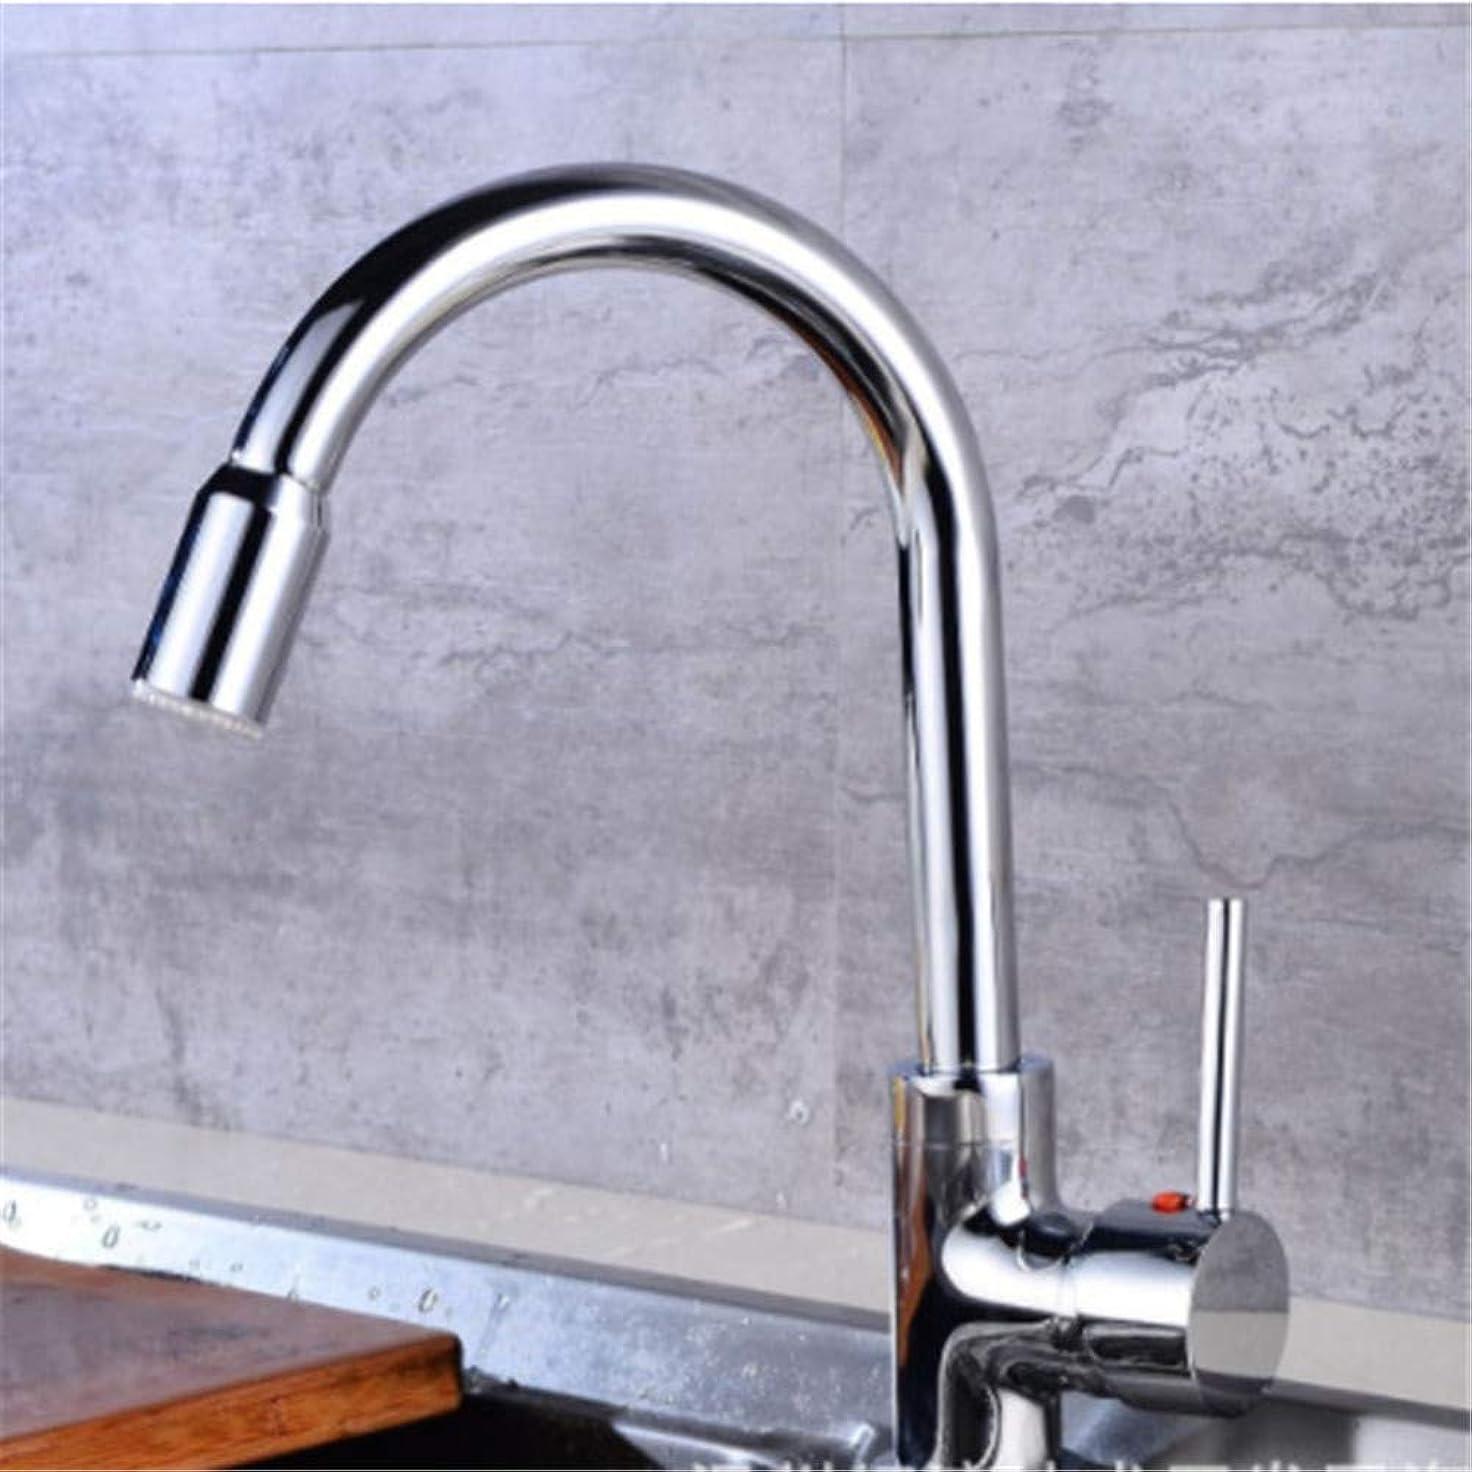 スキャン変換たっぷりLED水蛇口、3色のLEDライトの変更蛇口シャワー水タップ温度センサーLEDライト蛇口バスルーム/キッチン